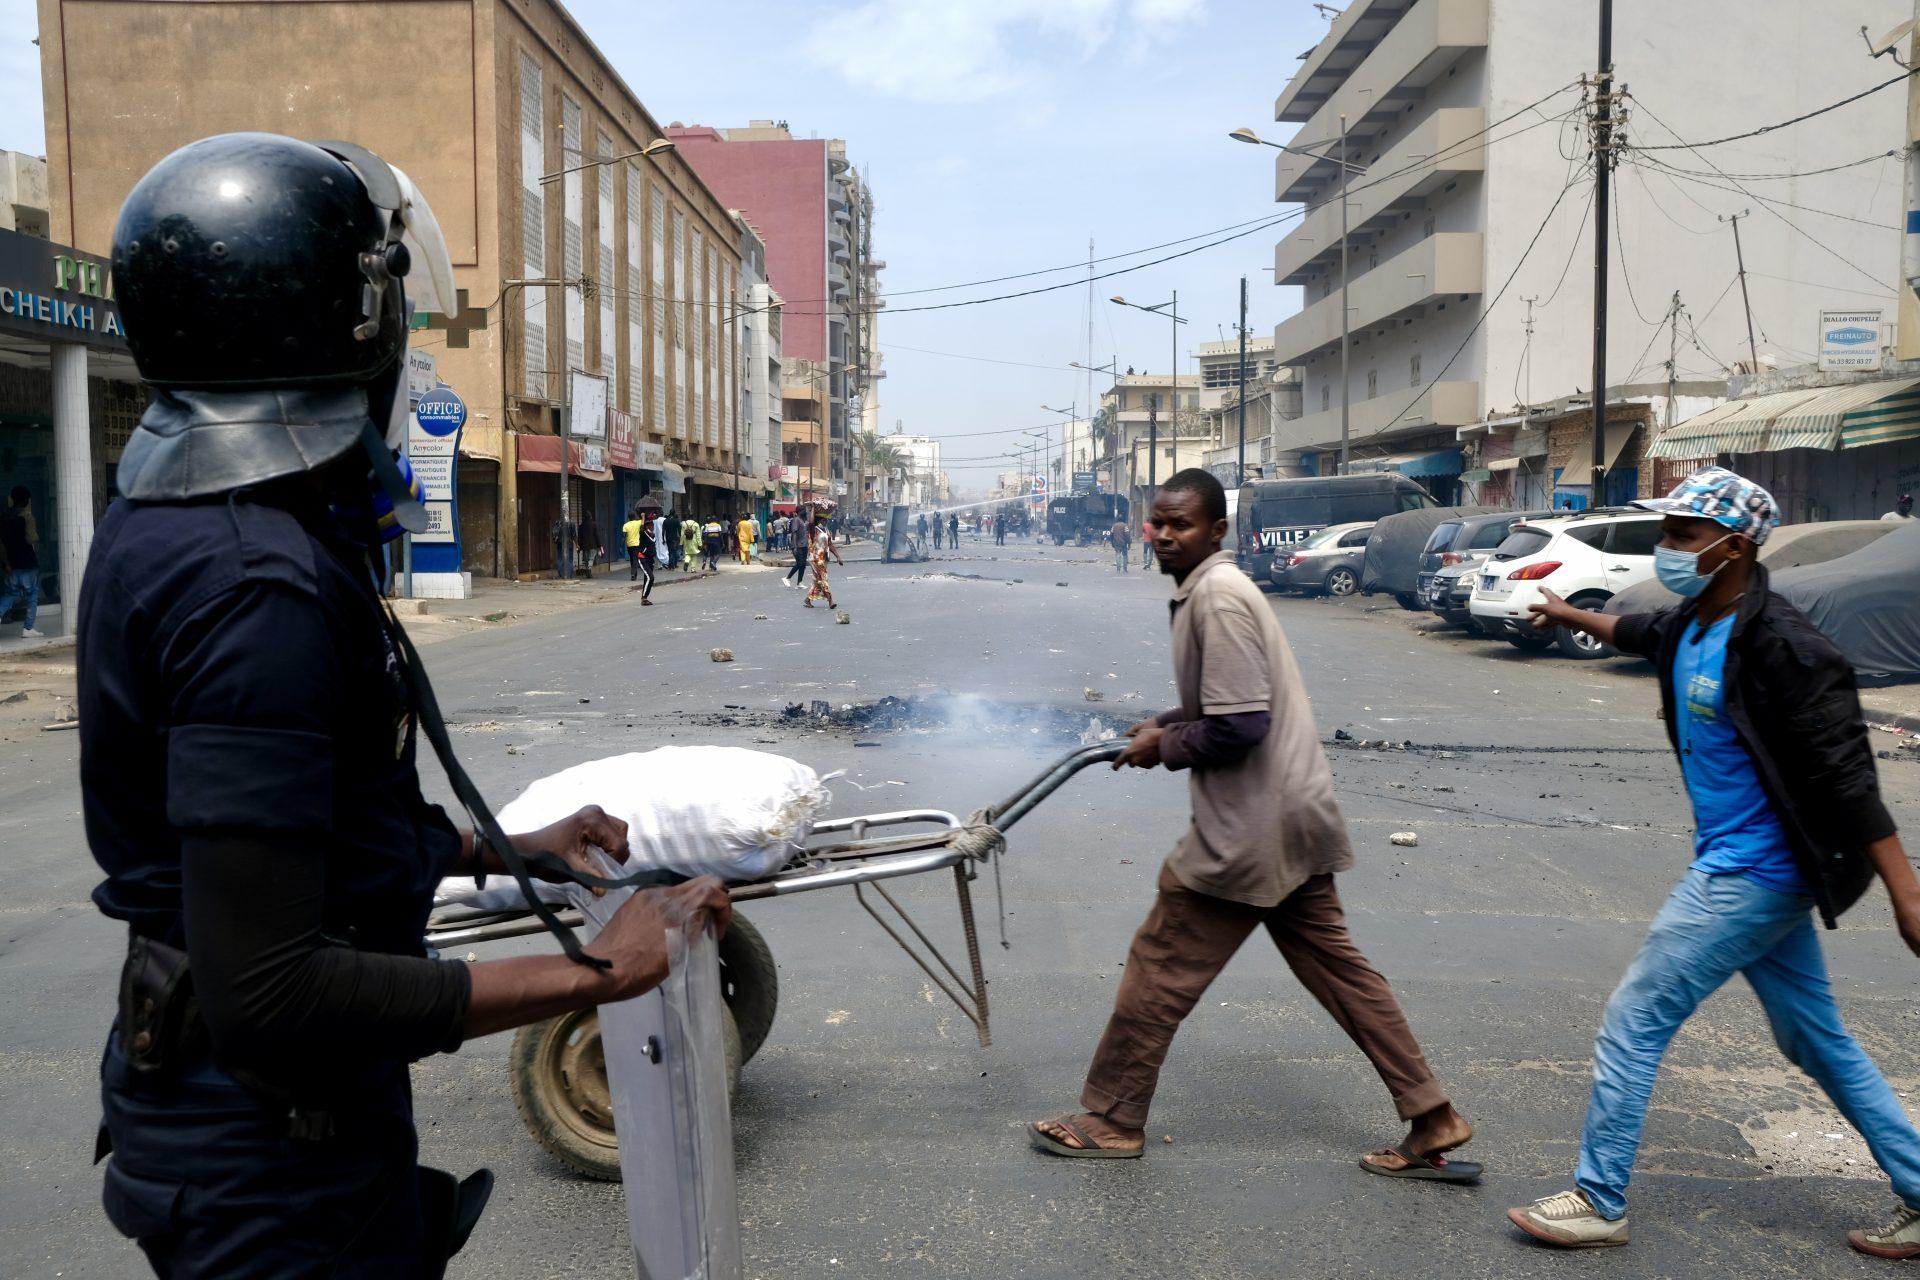 Le proteste a Dakar, in Senegal